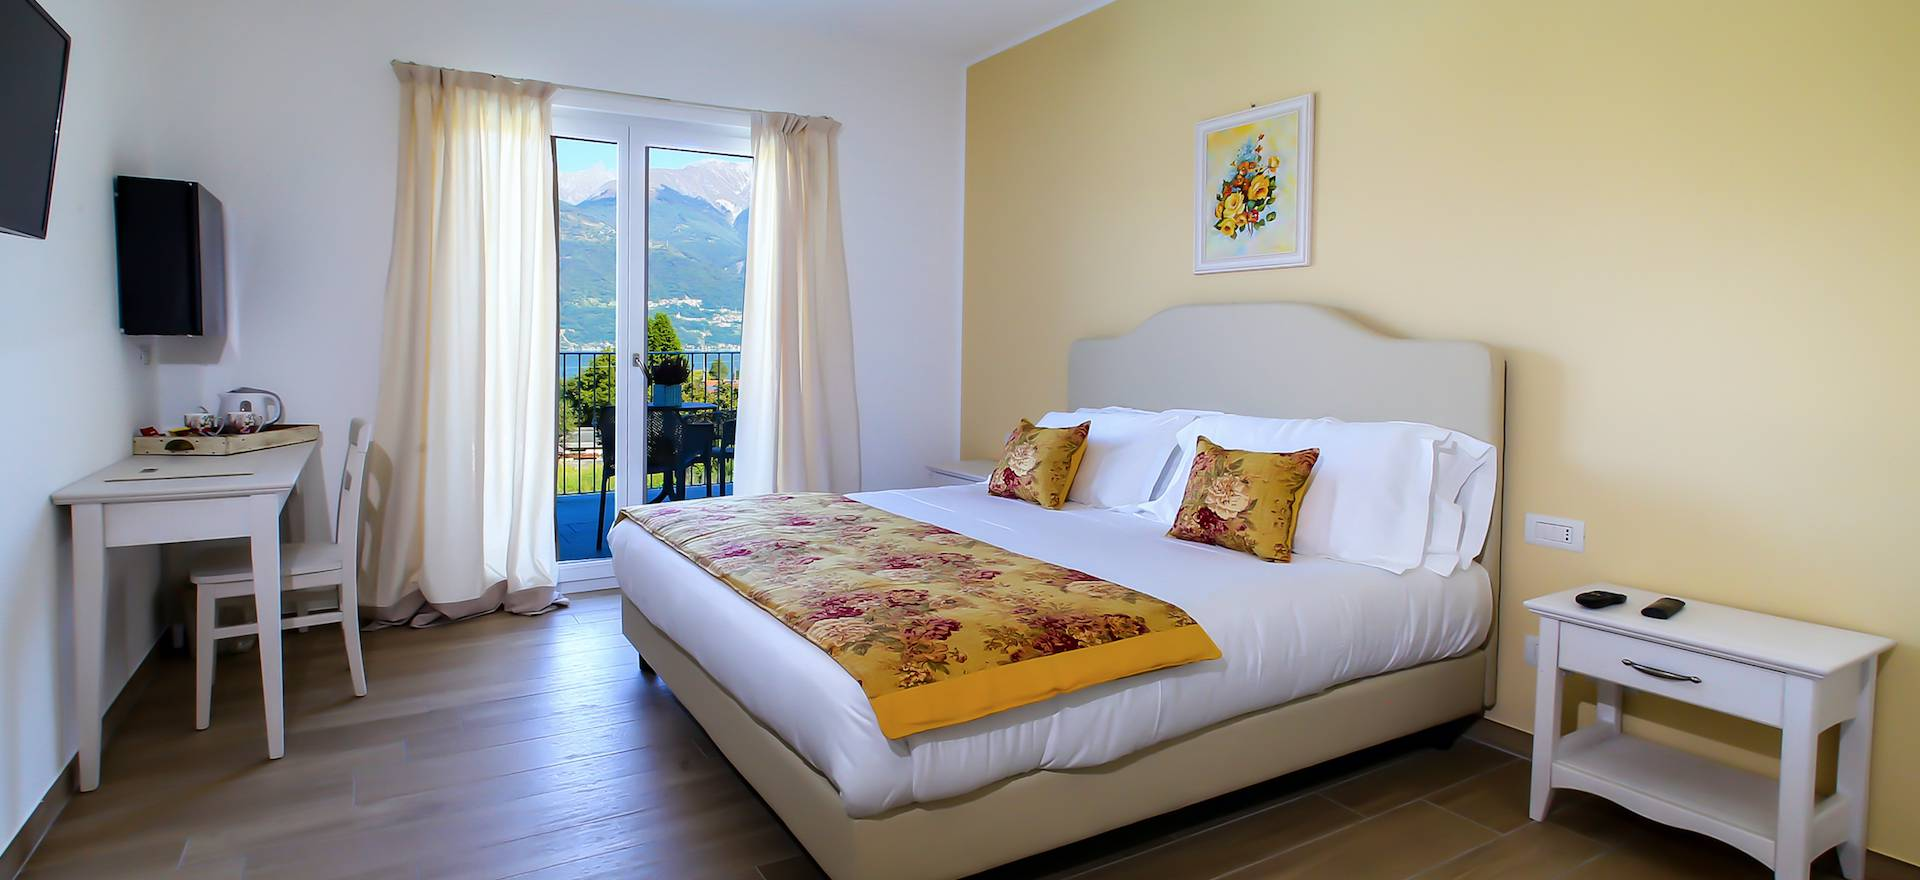 Agriturismo Lake Como and Lake Garda Luxury B&B within walking distance of Lake Como